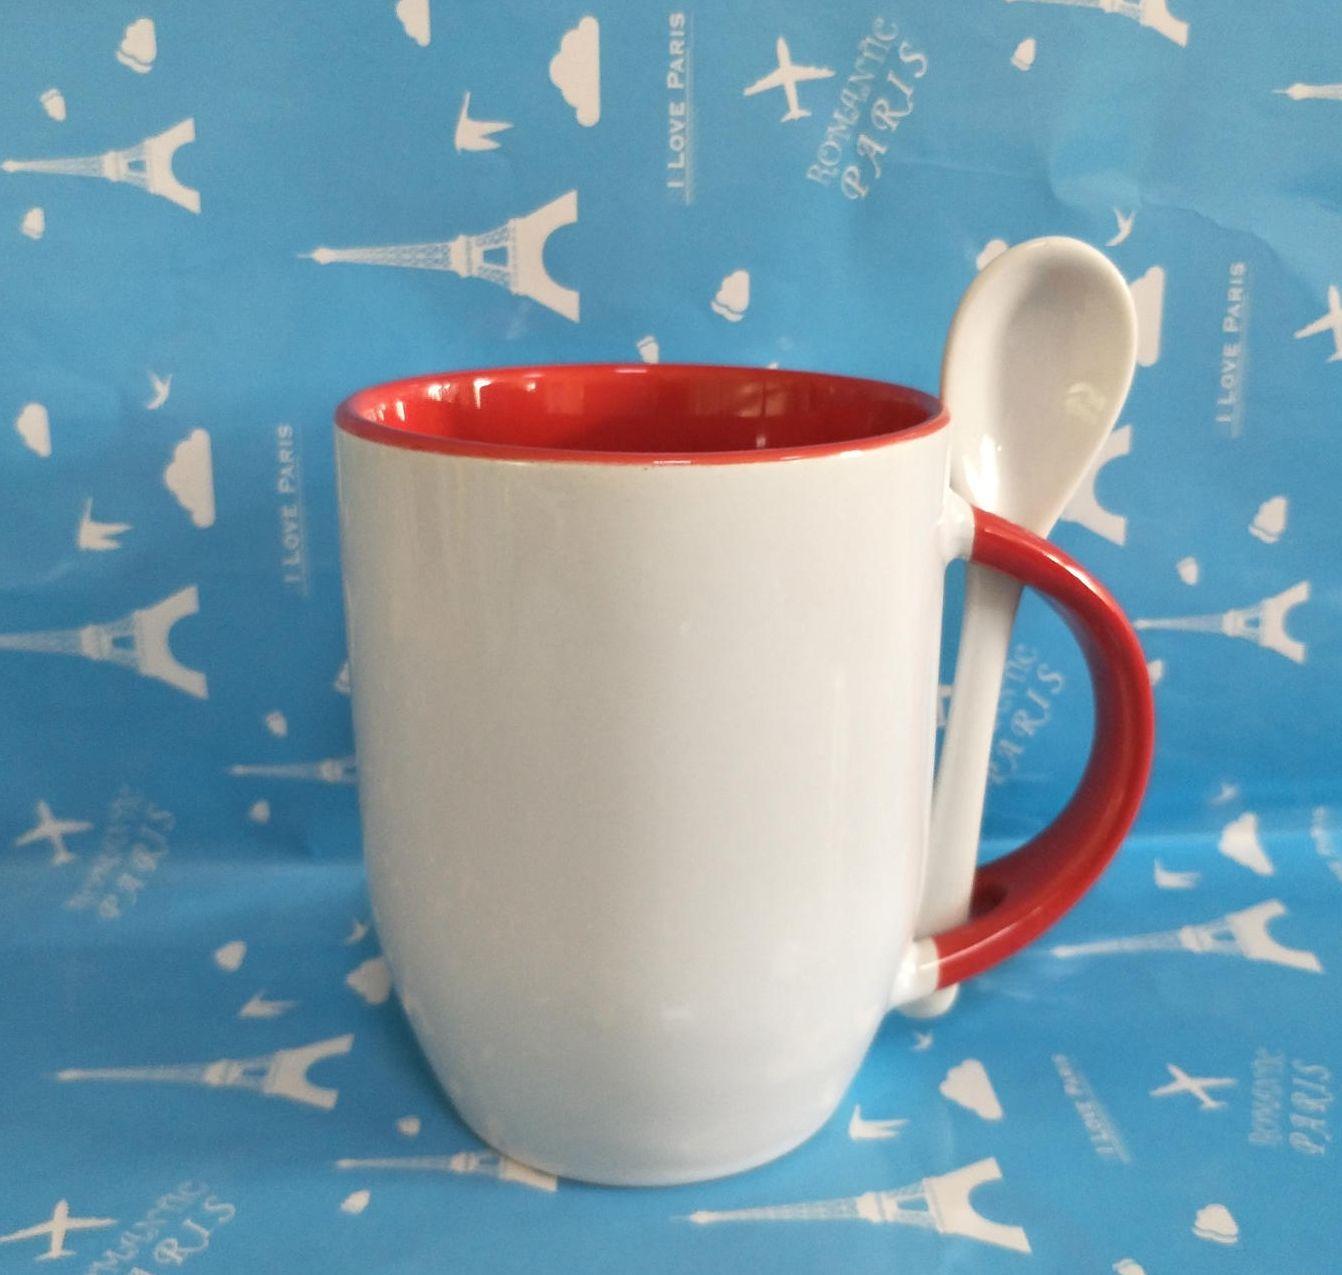 ceramic-mugs-with-spoon.jpg